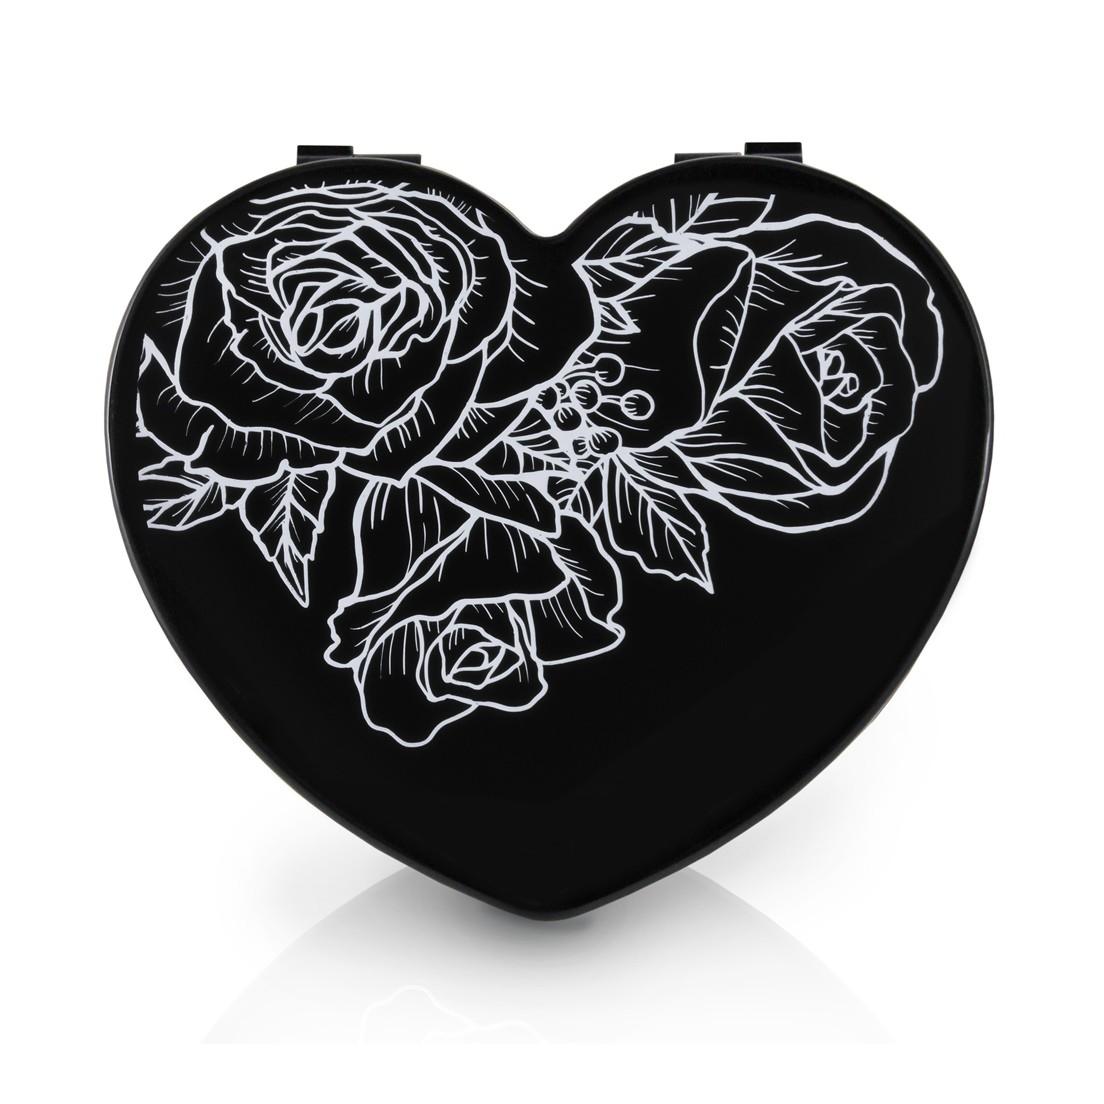 BLACK - Caixa Organizadora Coração Tamanho Pequeno Jacki Design